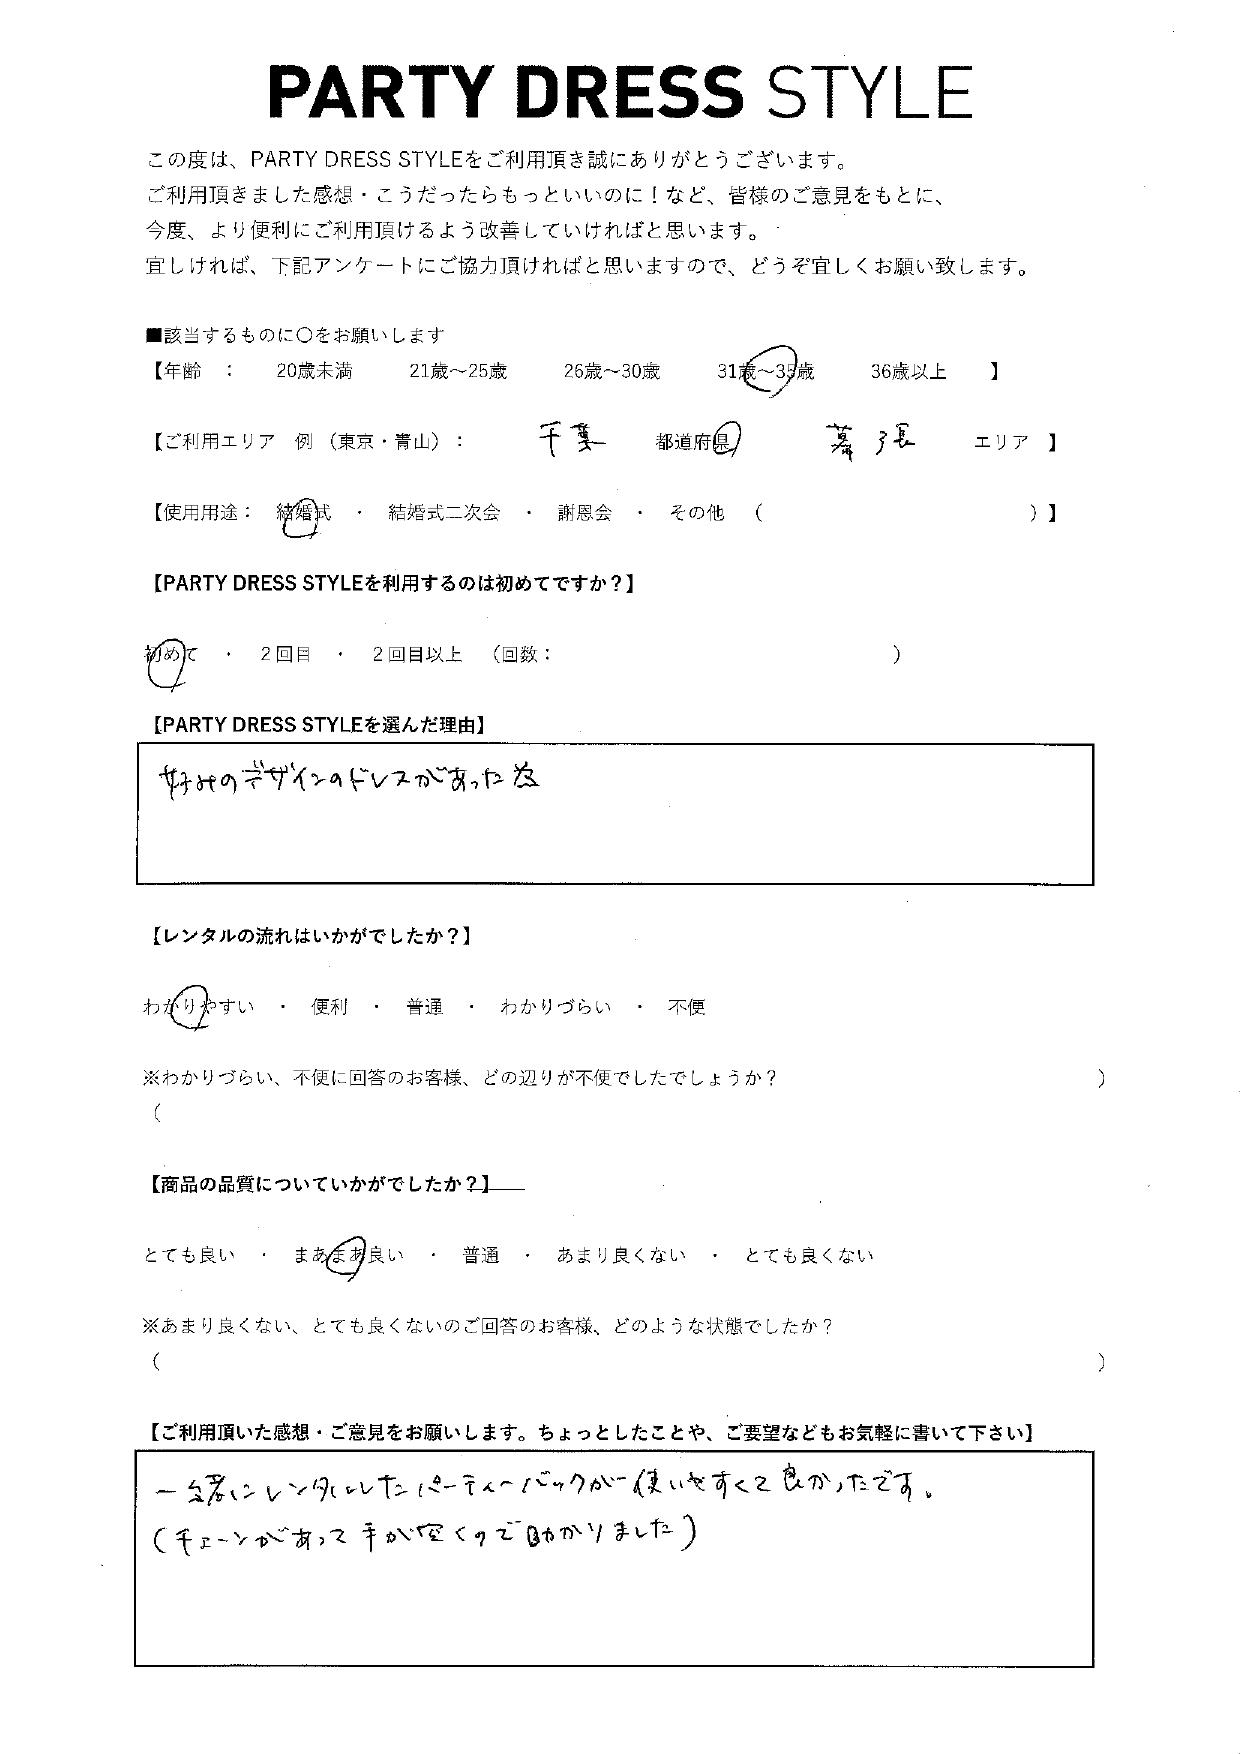 9/5結婚式ご利用 千葉・幕張エリア